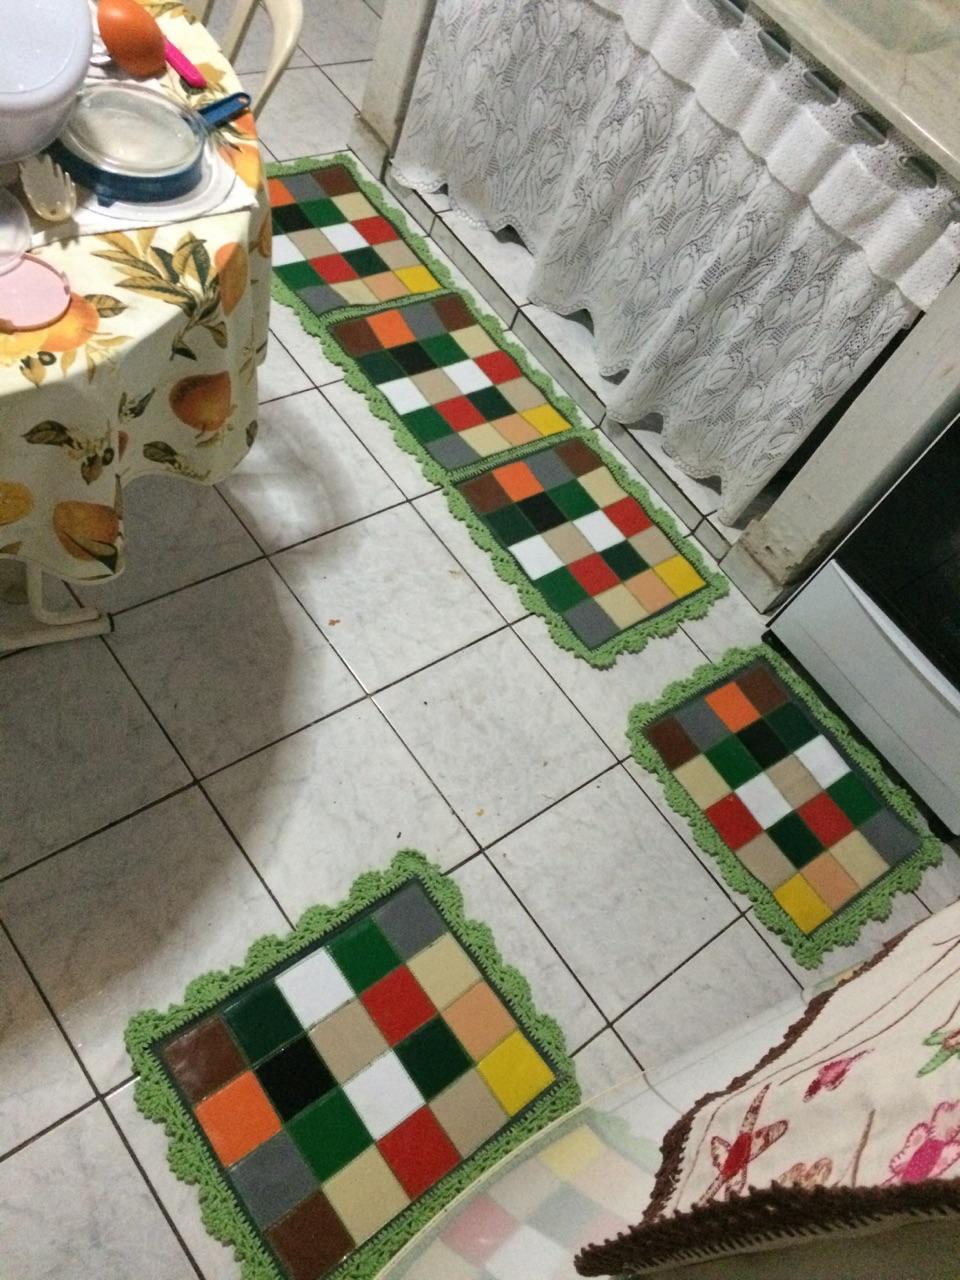 Badau Artes Tapetes Para Cozinha -> Tapete De Tecido Para Cozinha